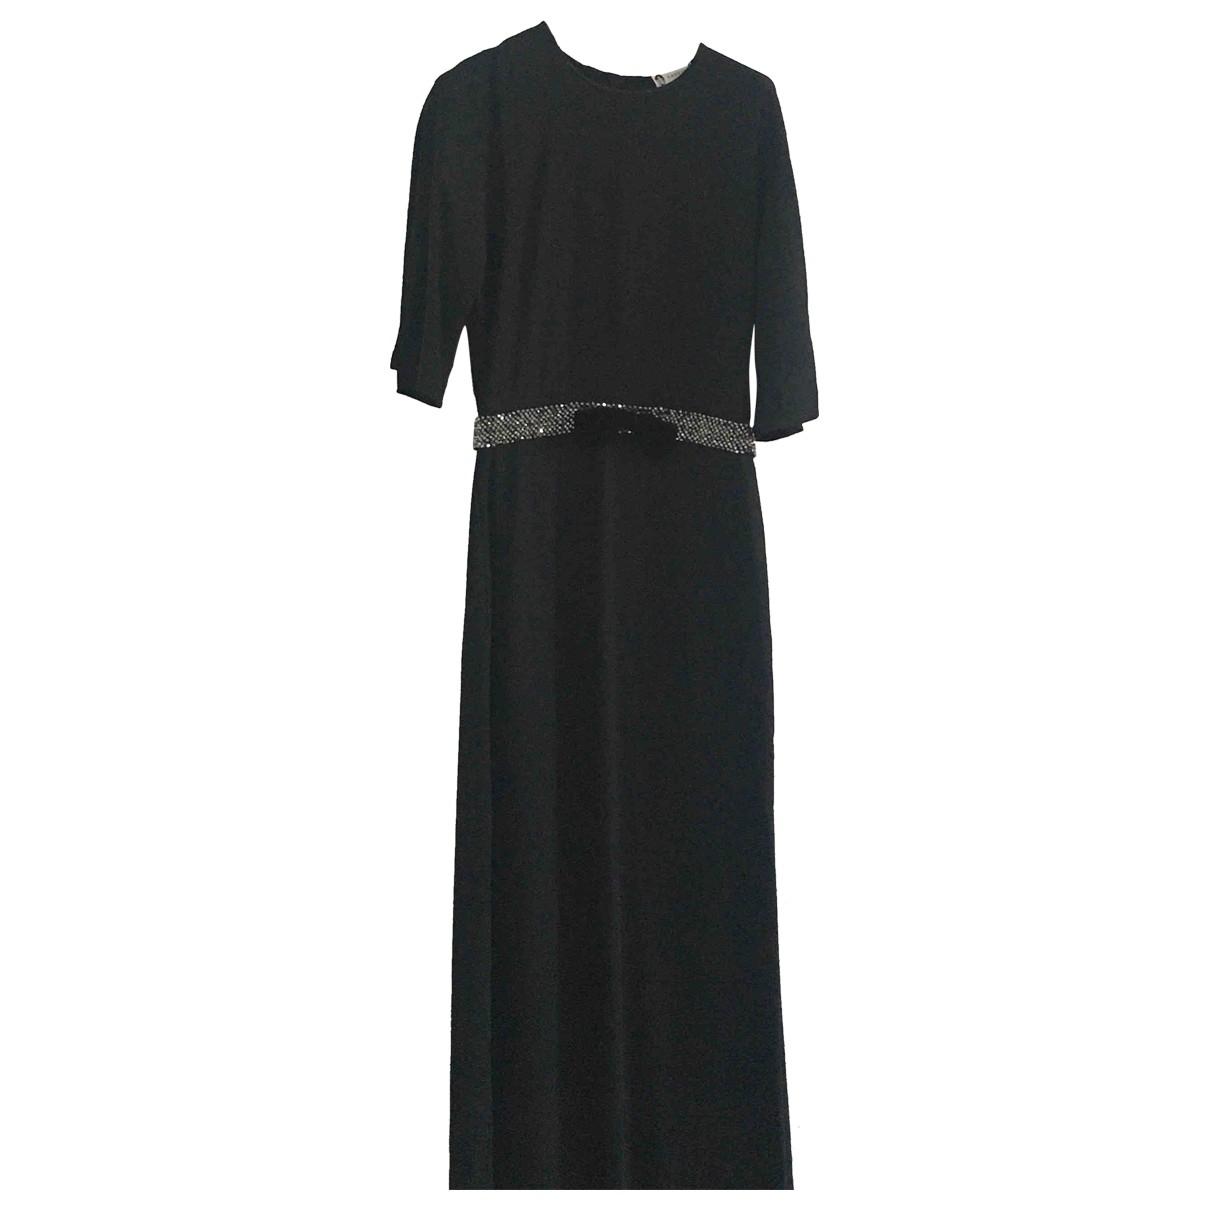 Lanvin \N Black dress for Women 40 FR